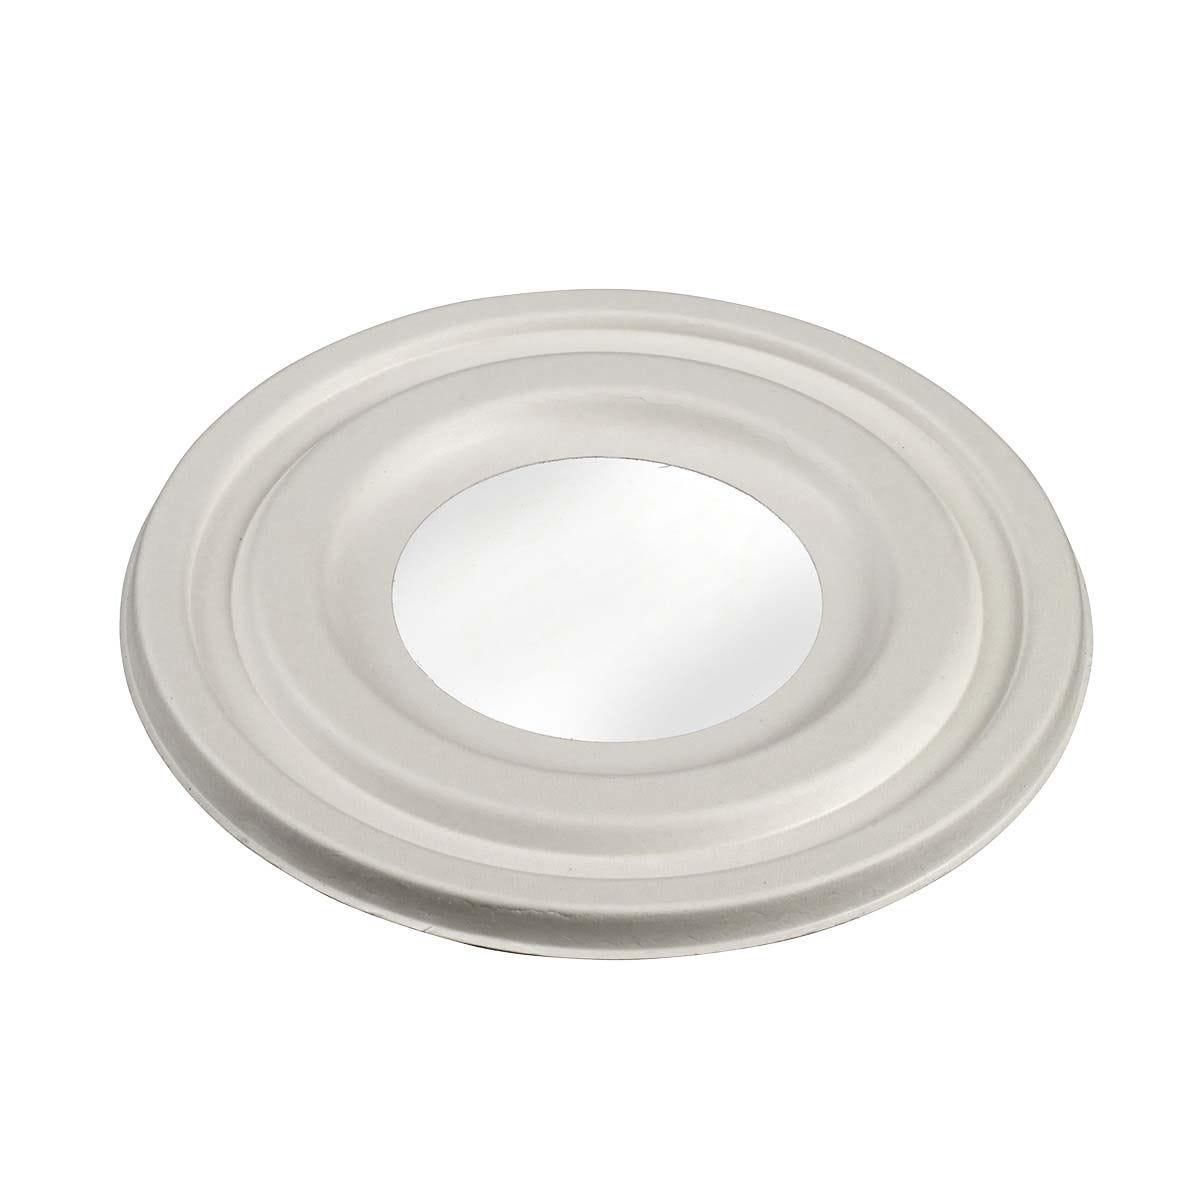 Couvercle en pulpe avec fenêtre pour Saladier Ming 1000 ml - par 400